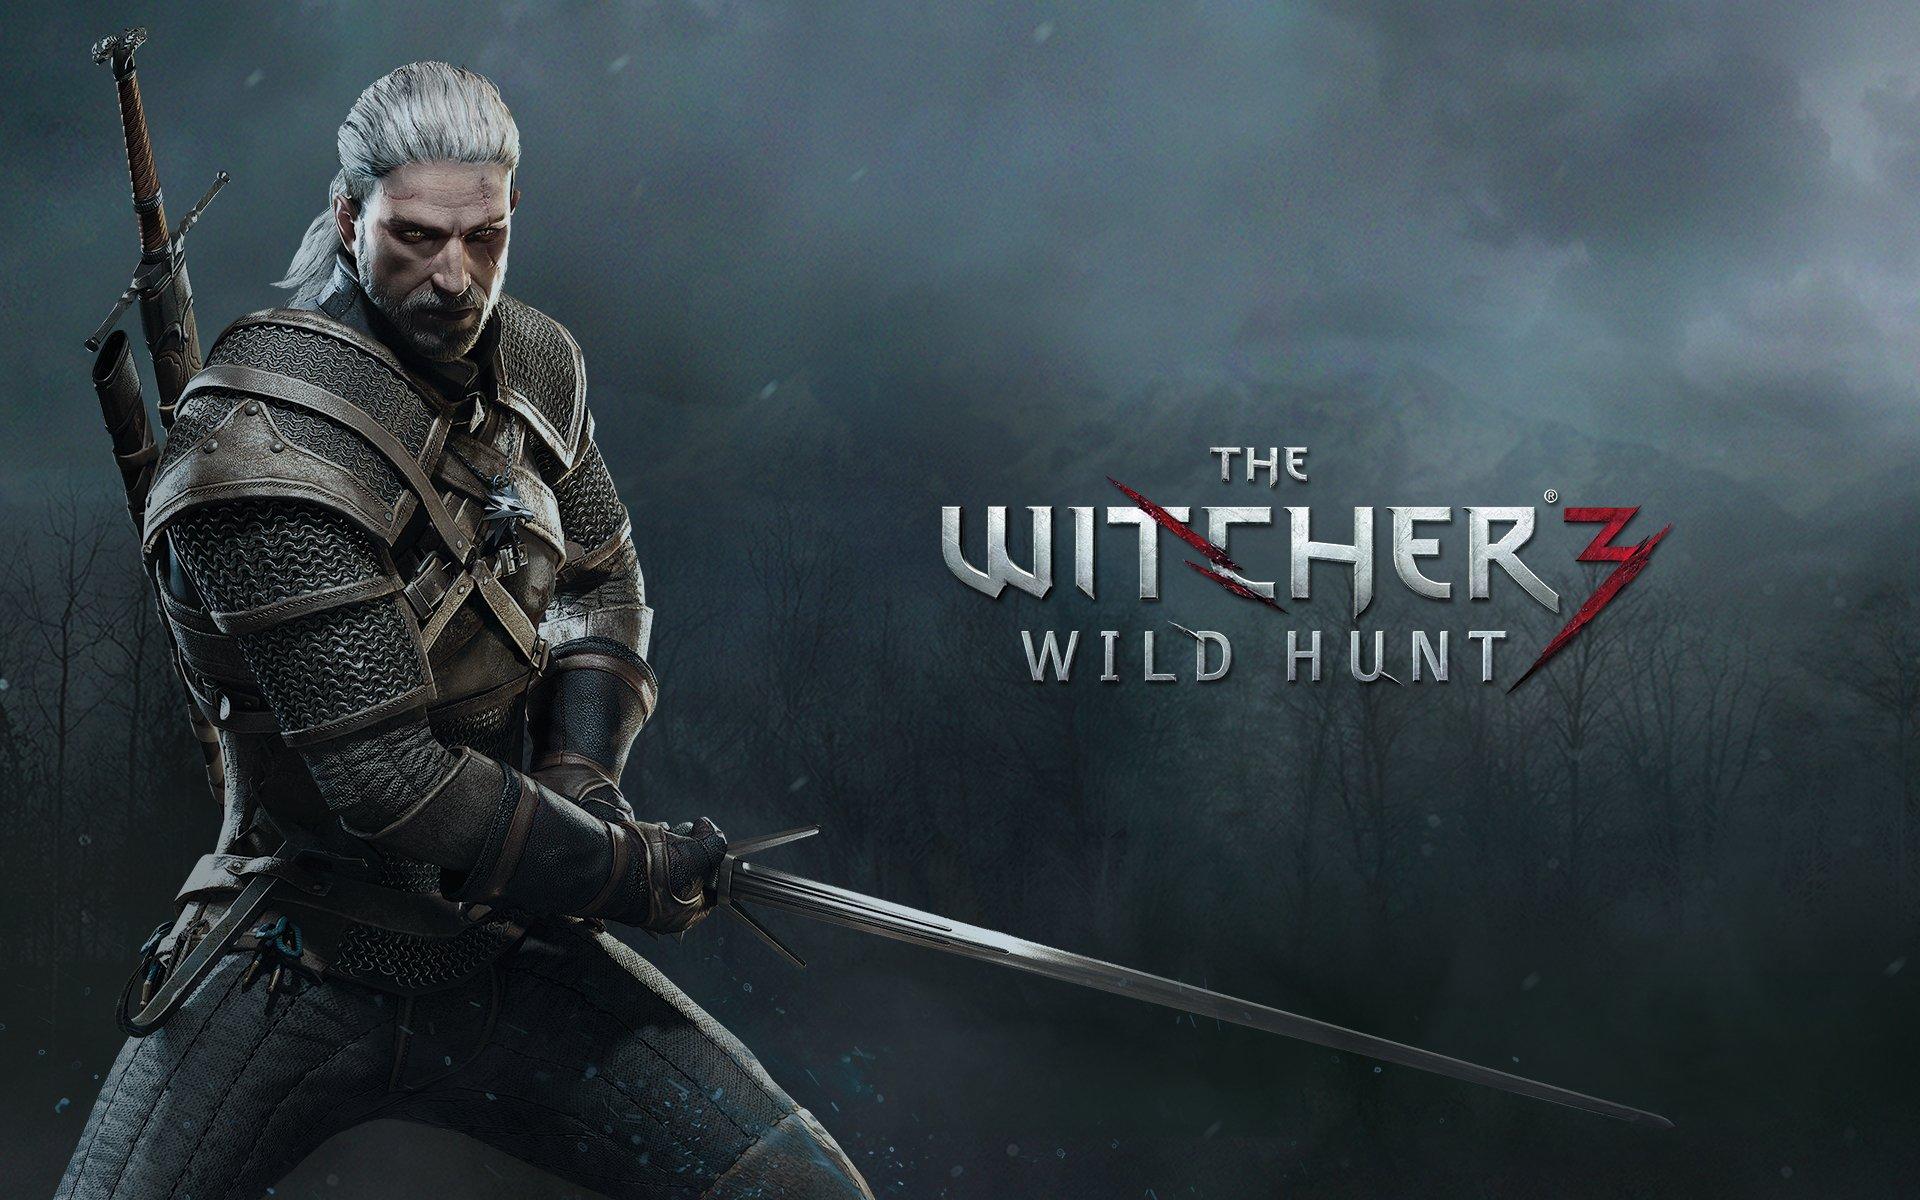 The Witcher 3: Wild Hunt. Оценки!  GameSpot — 10/10  Одна из лучших игр в истории  GameGuru - 10/10 Gameswelt - 10/ .... - Изображение 6